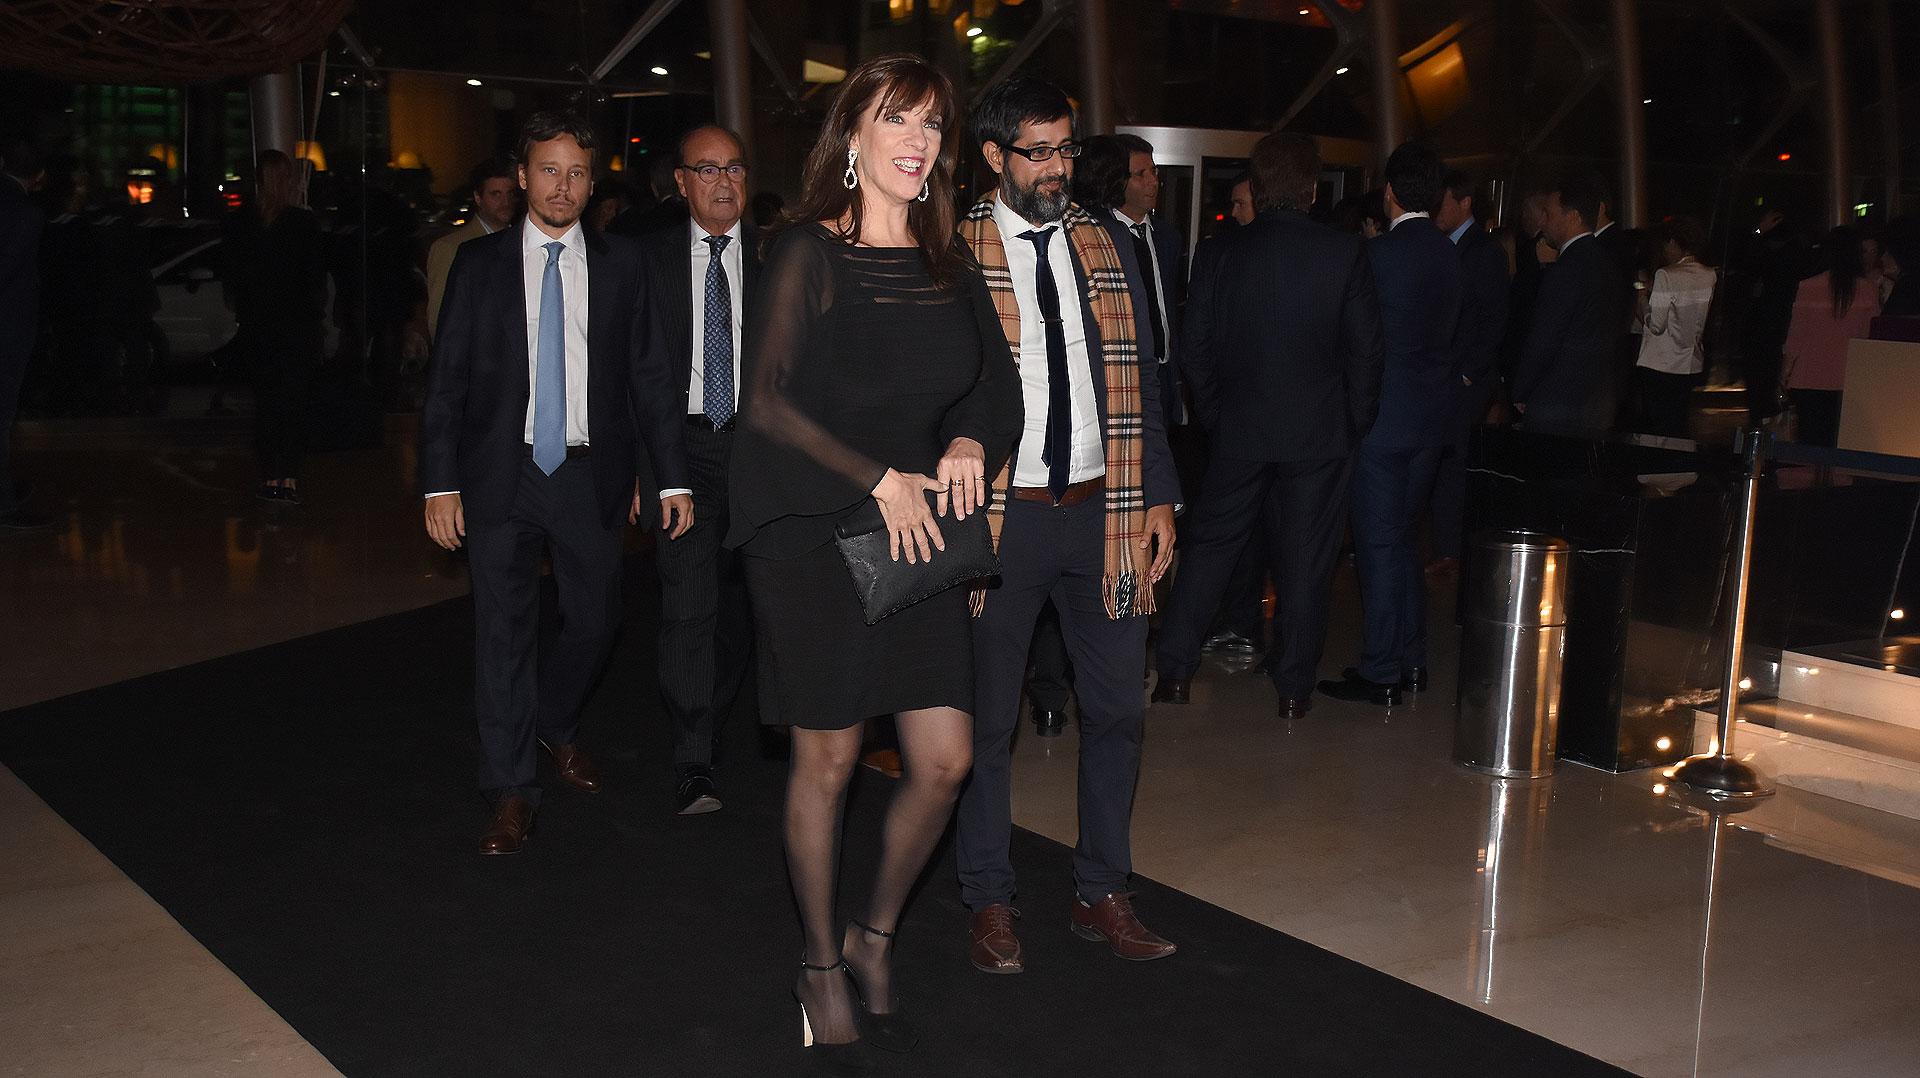 Paula Bertol, titular de la Secretaría de Relaciones Parlamentarias y Administración de la Jefatura de Gabinete